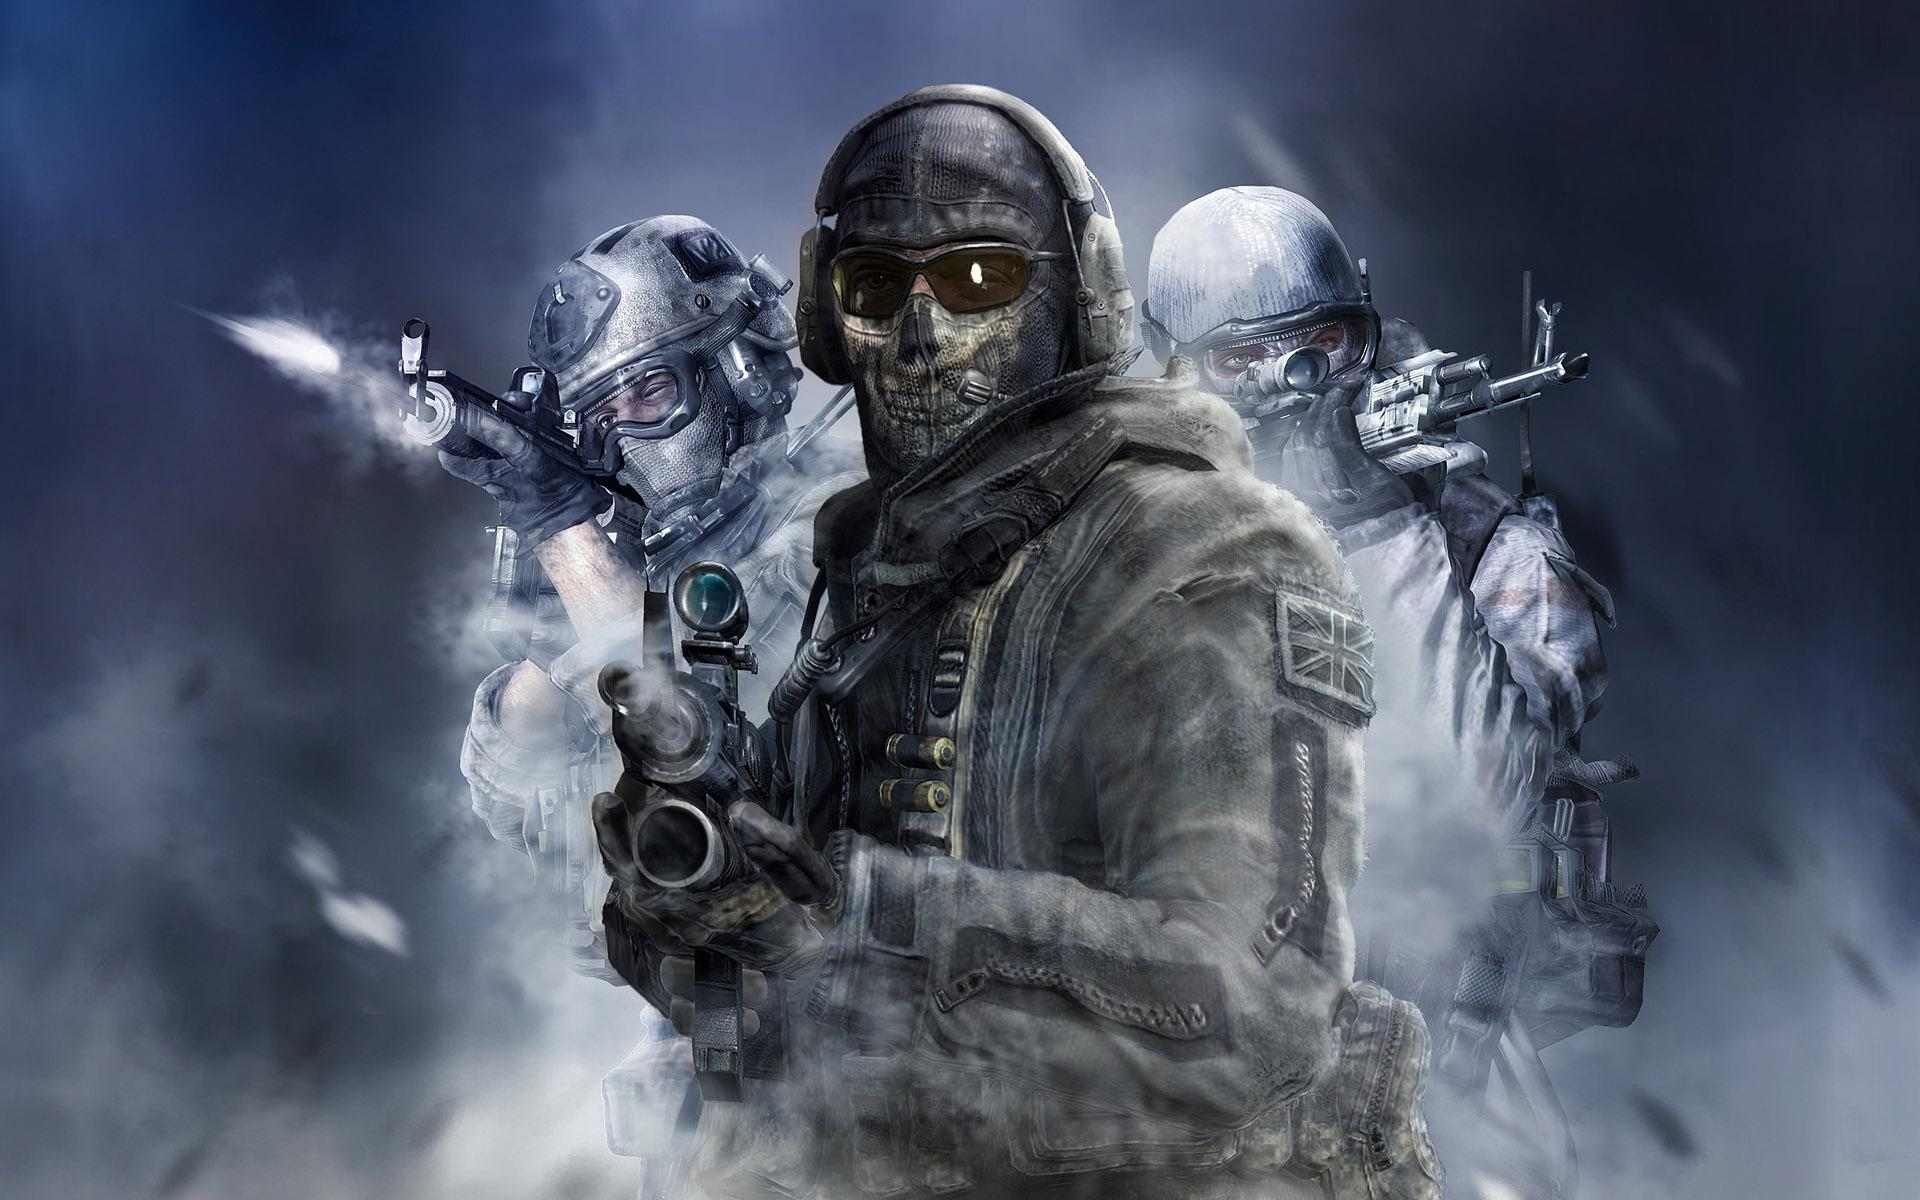 special forces wallpapers, Скачать фото, обои для рабочего стола, спецназ, силы специального назначения